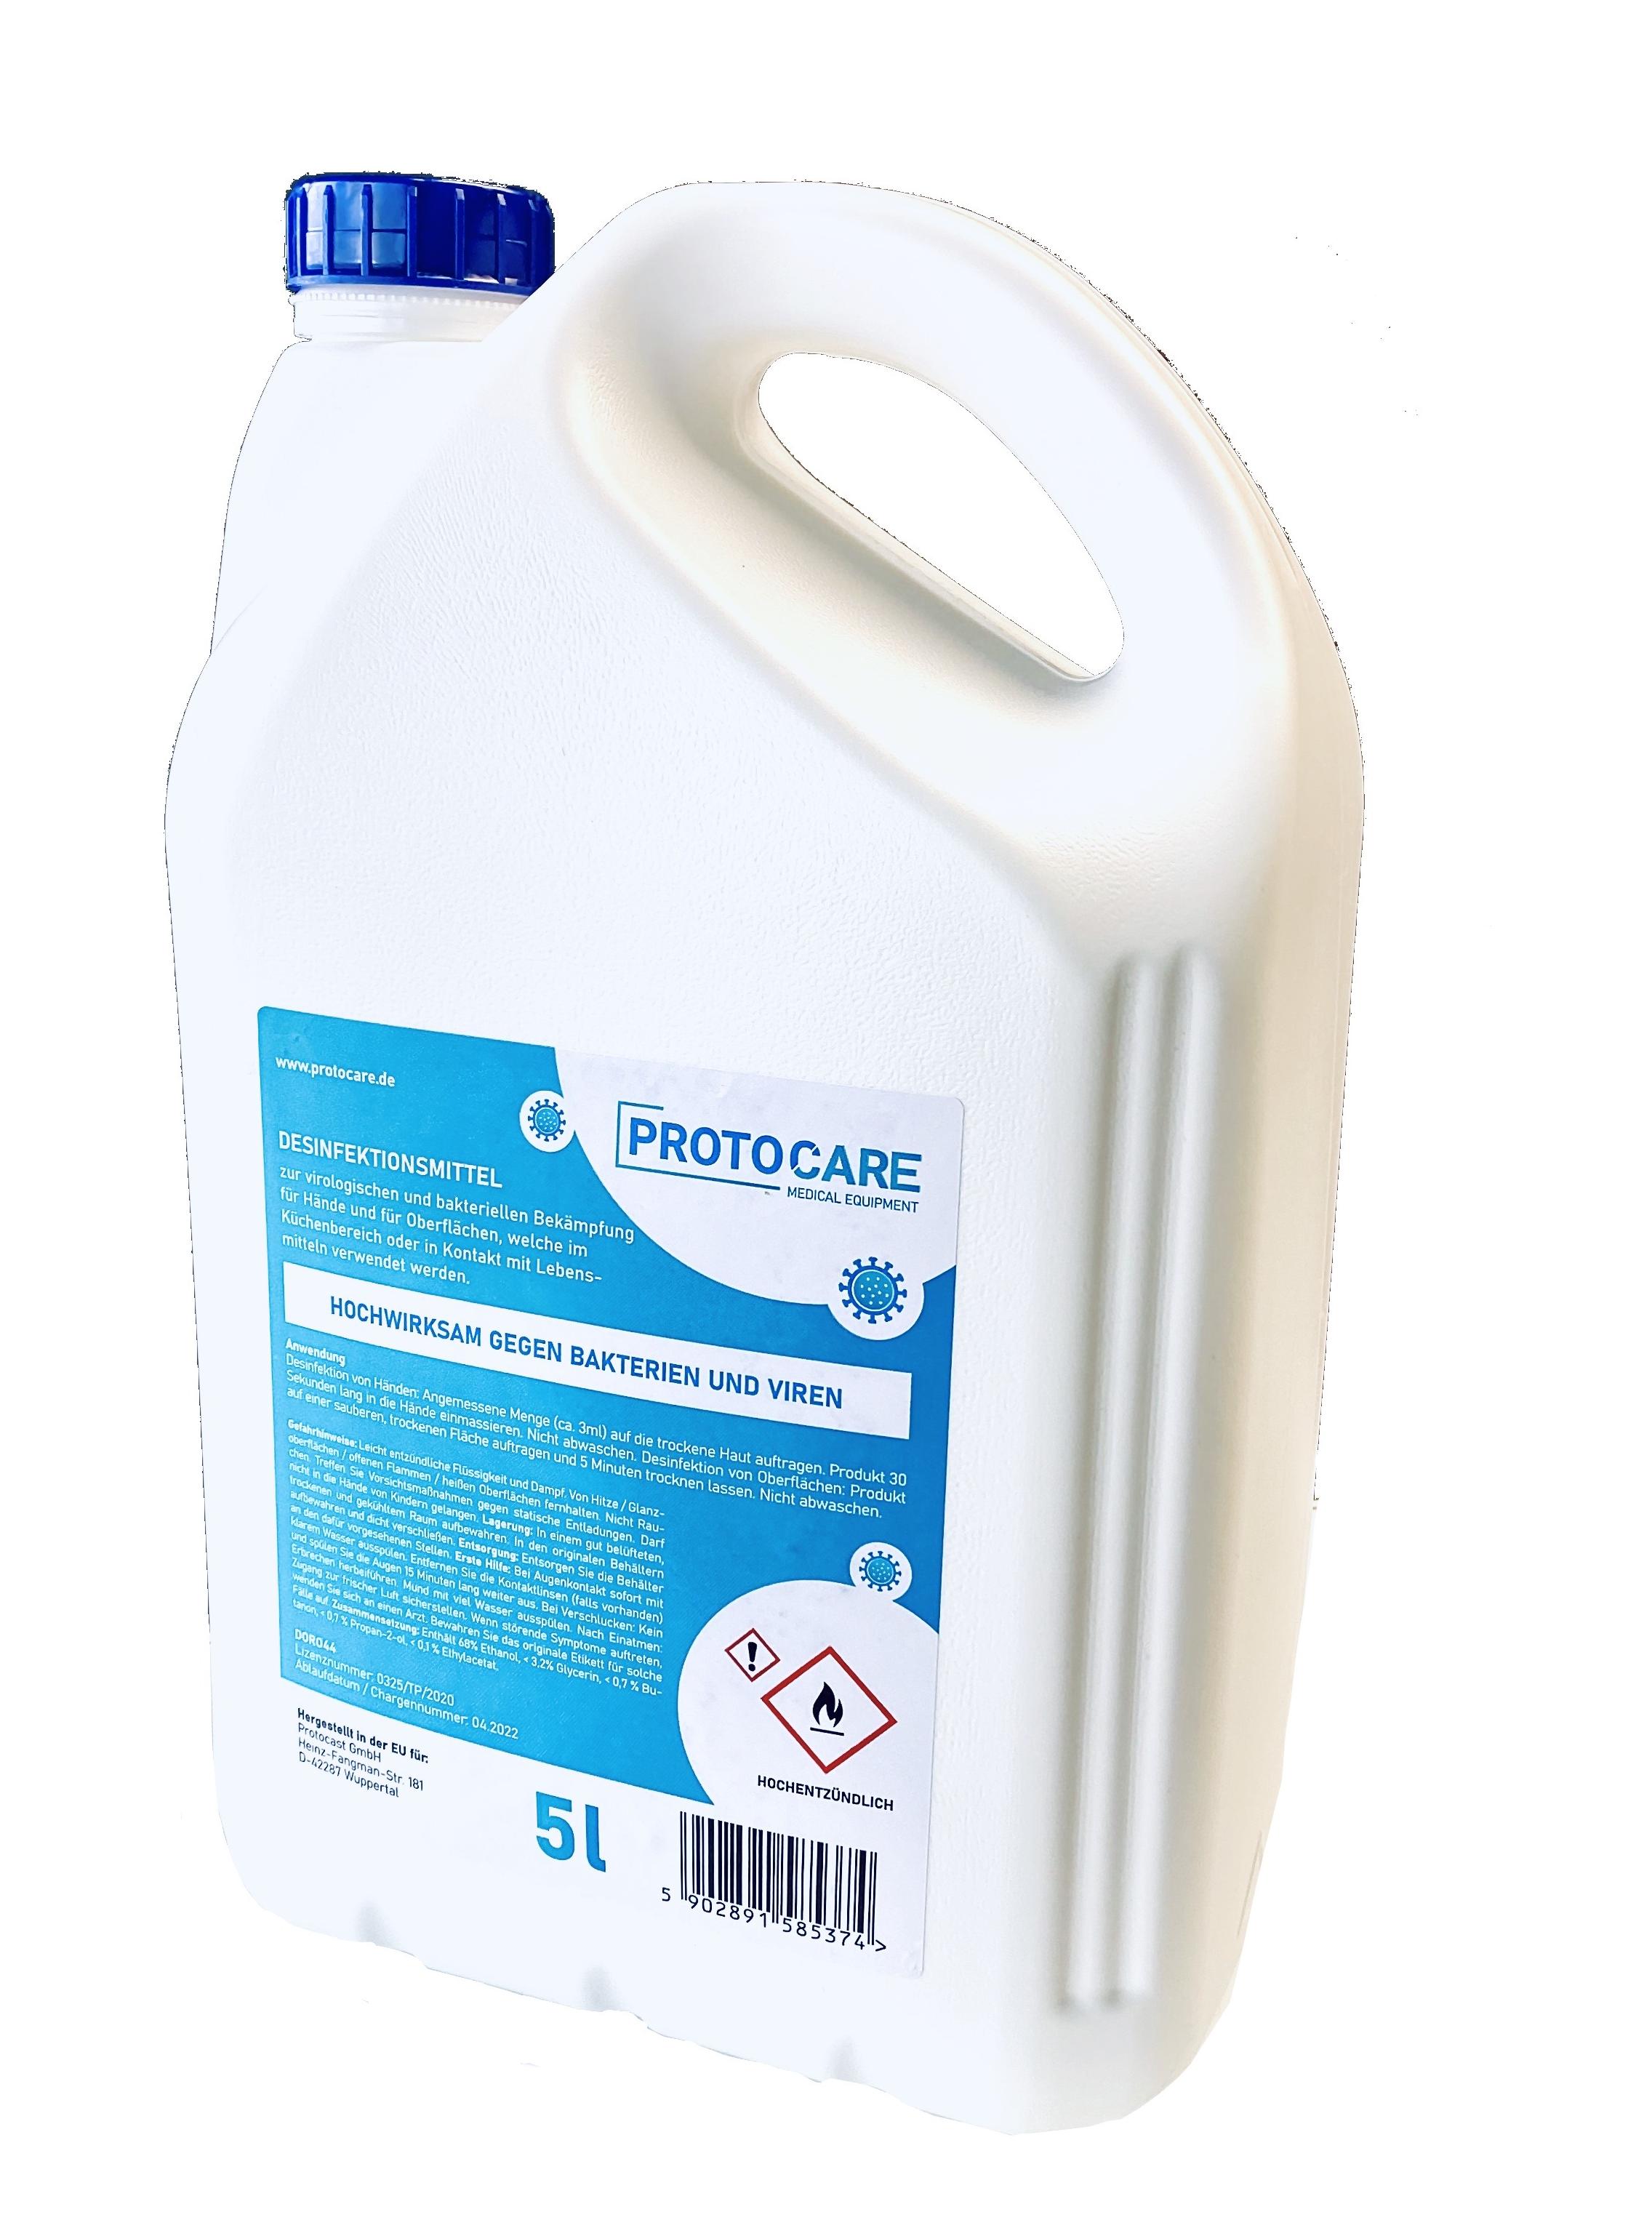 Protocare 5 Liter  - Desinfektionsmittel